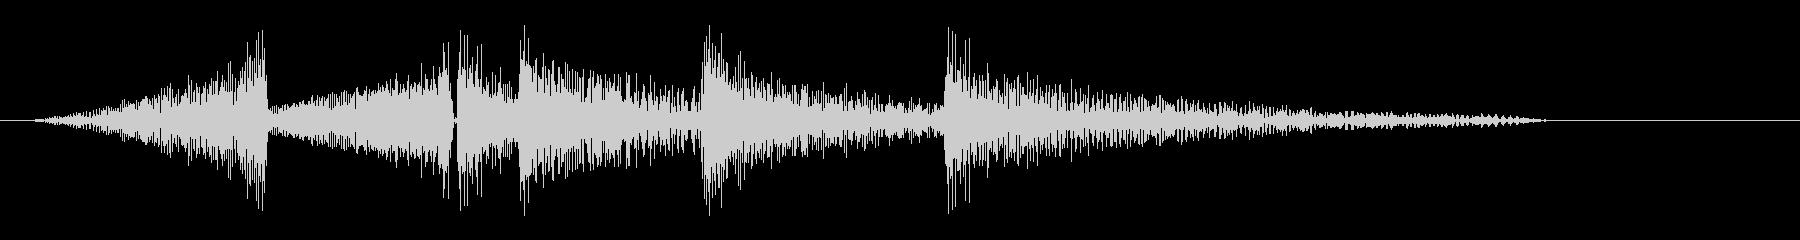 キュキュキュ(鳴き声系)の未再生の波形